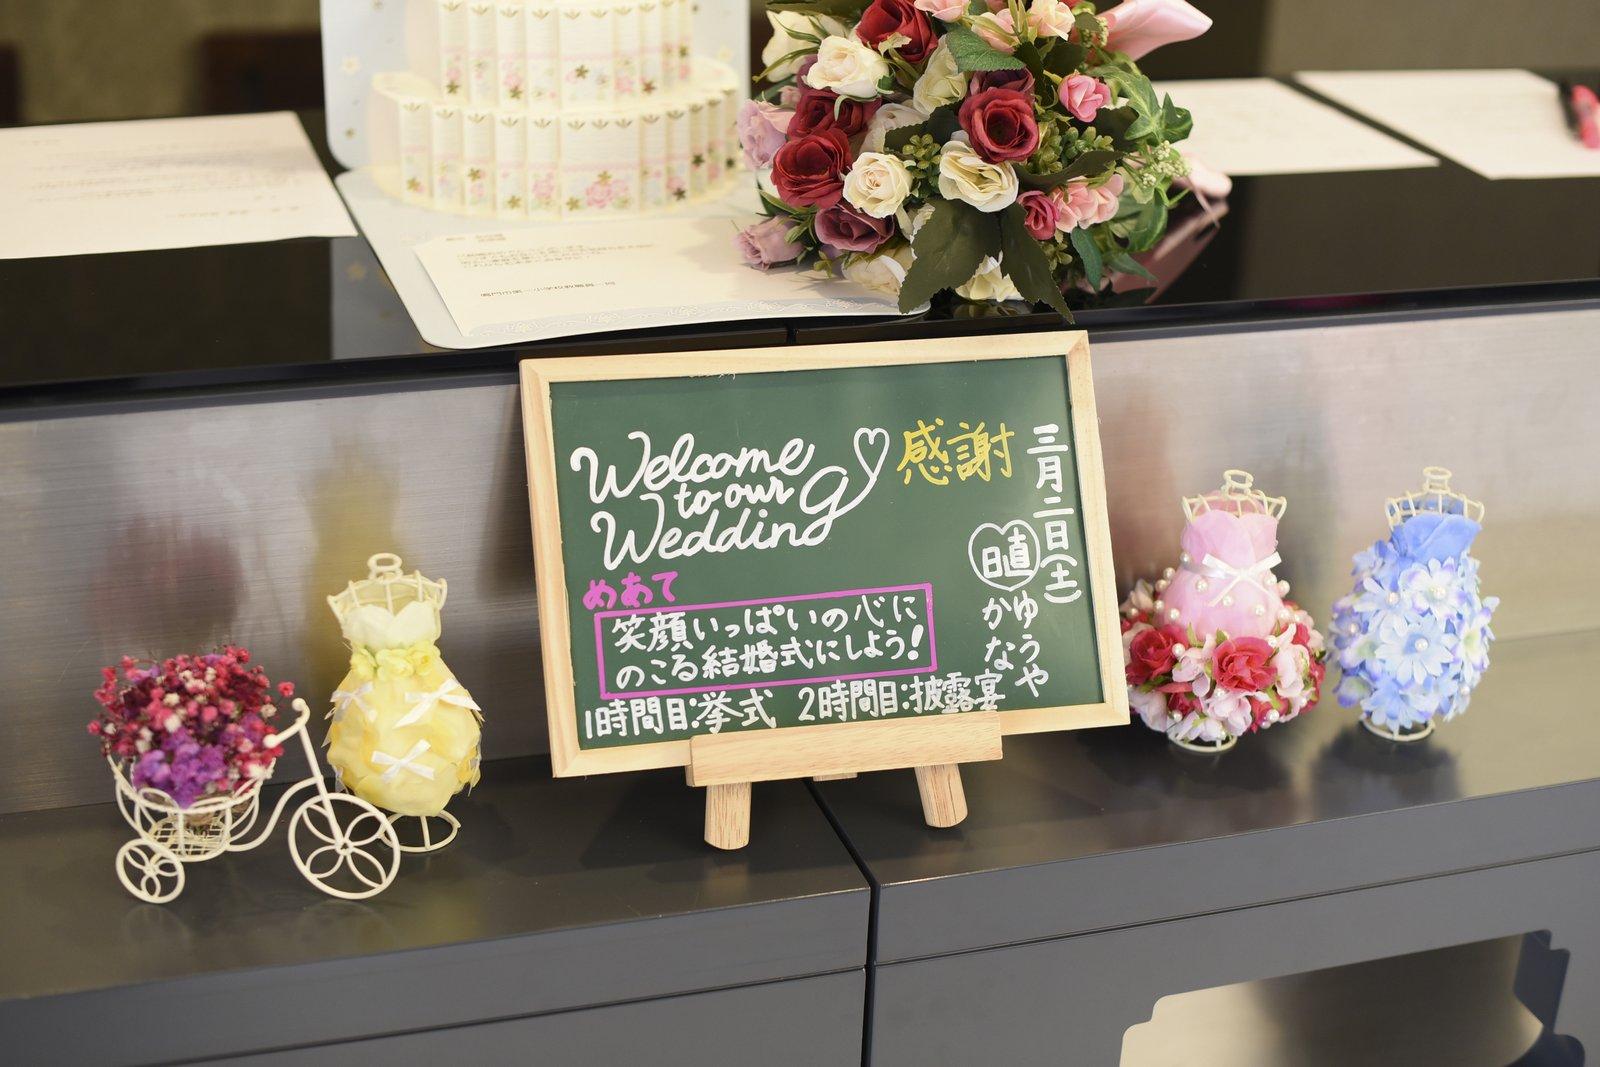 徳島市の結婚式場ブランアンジュの黒板風のウエルカムグッズ